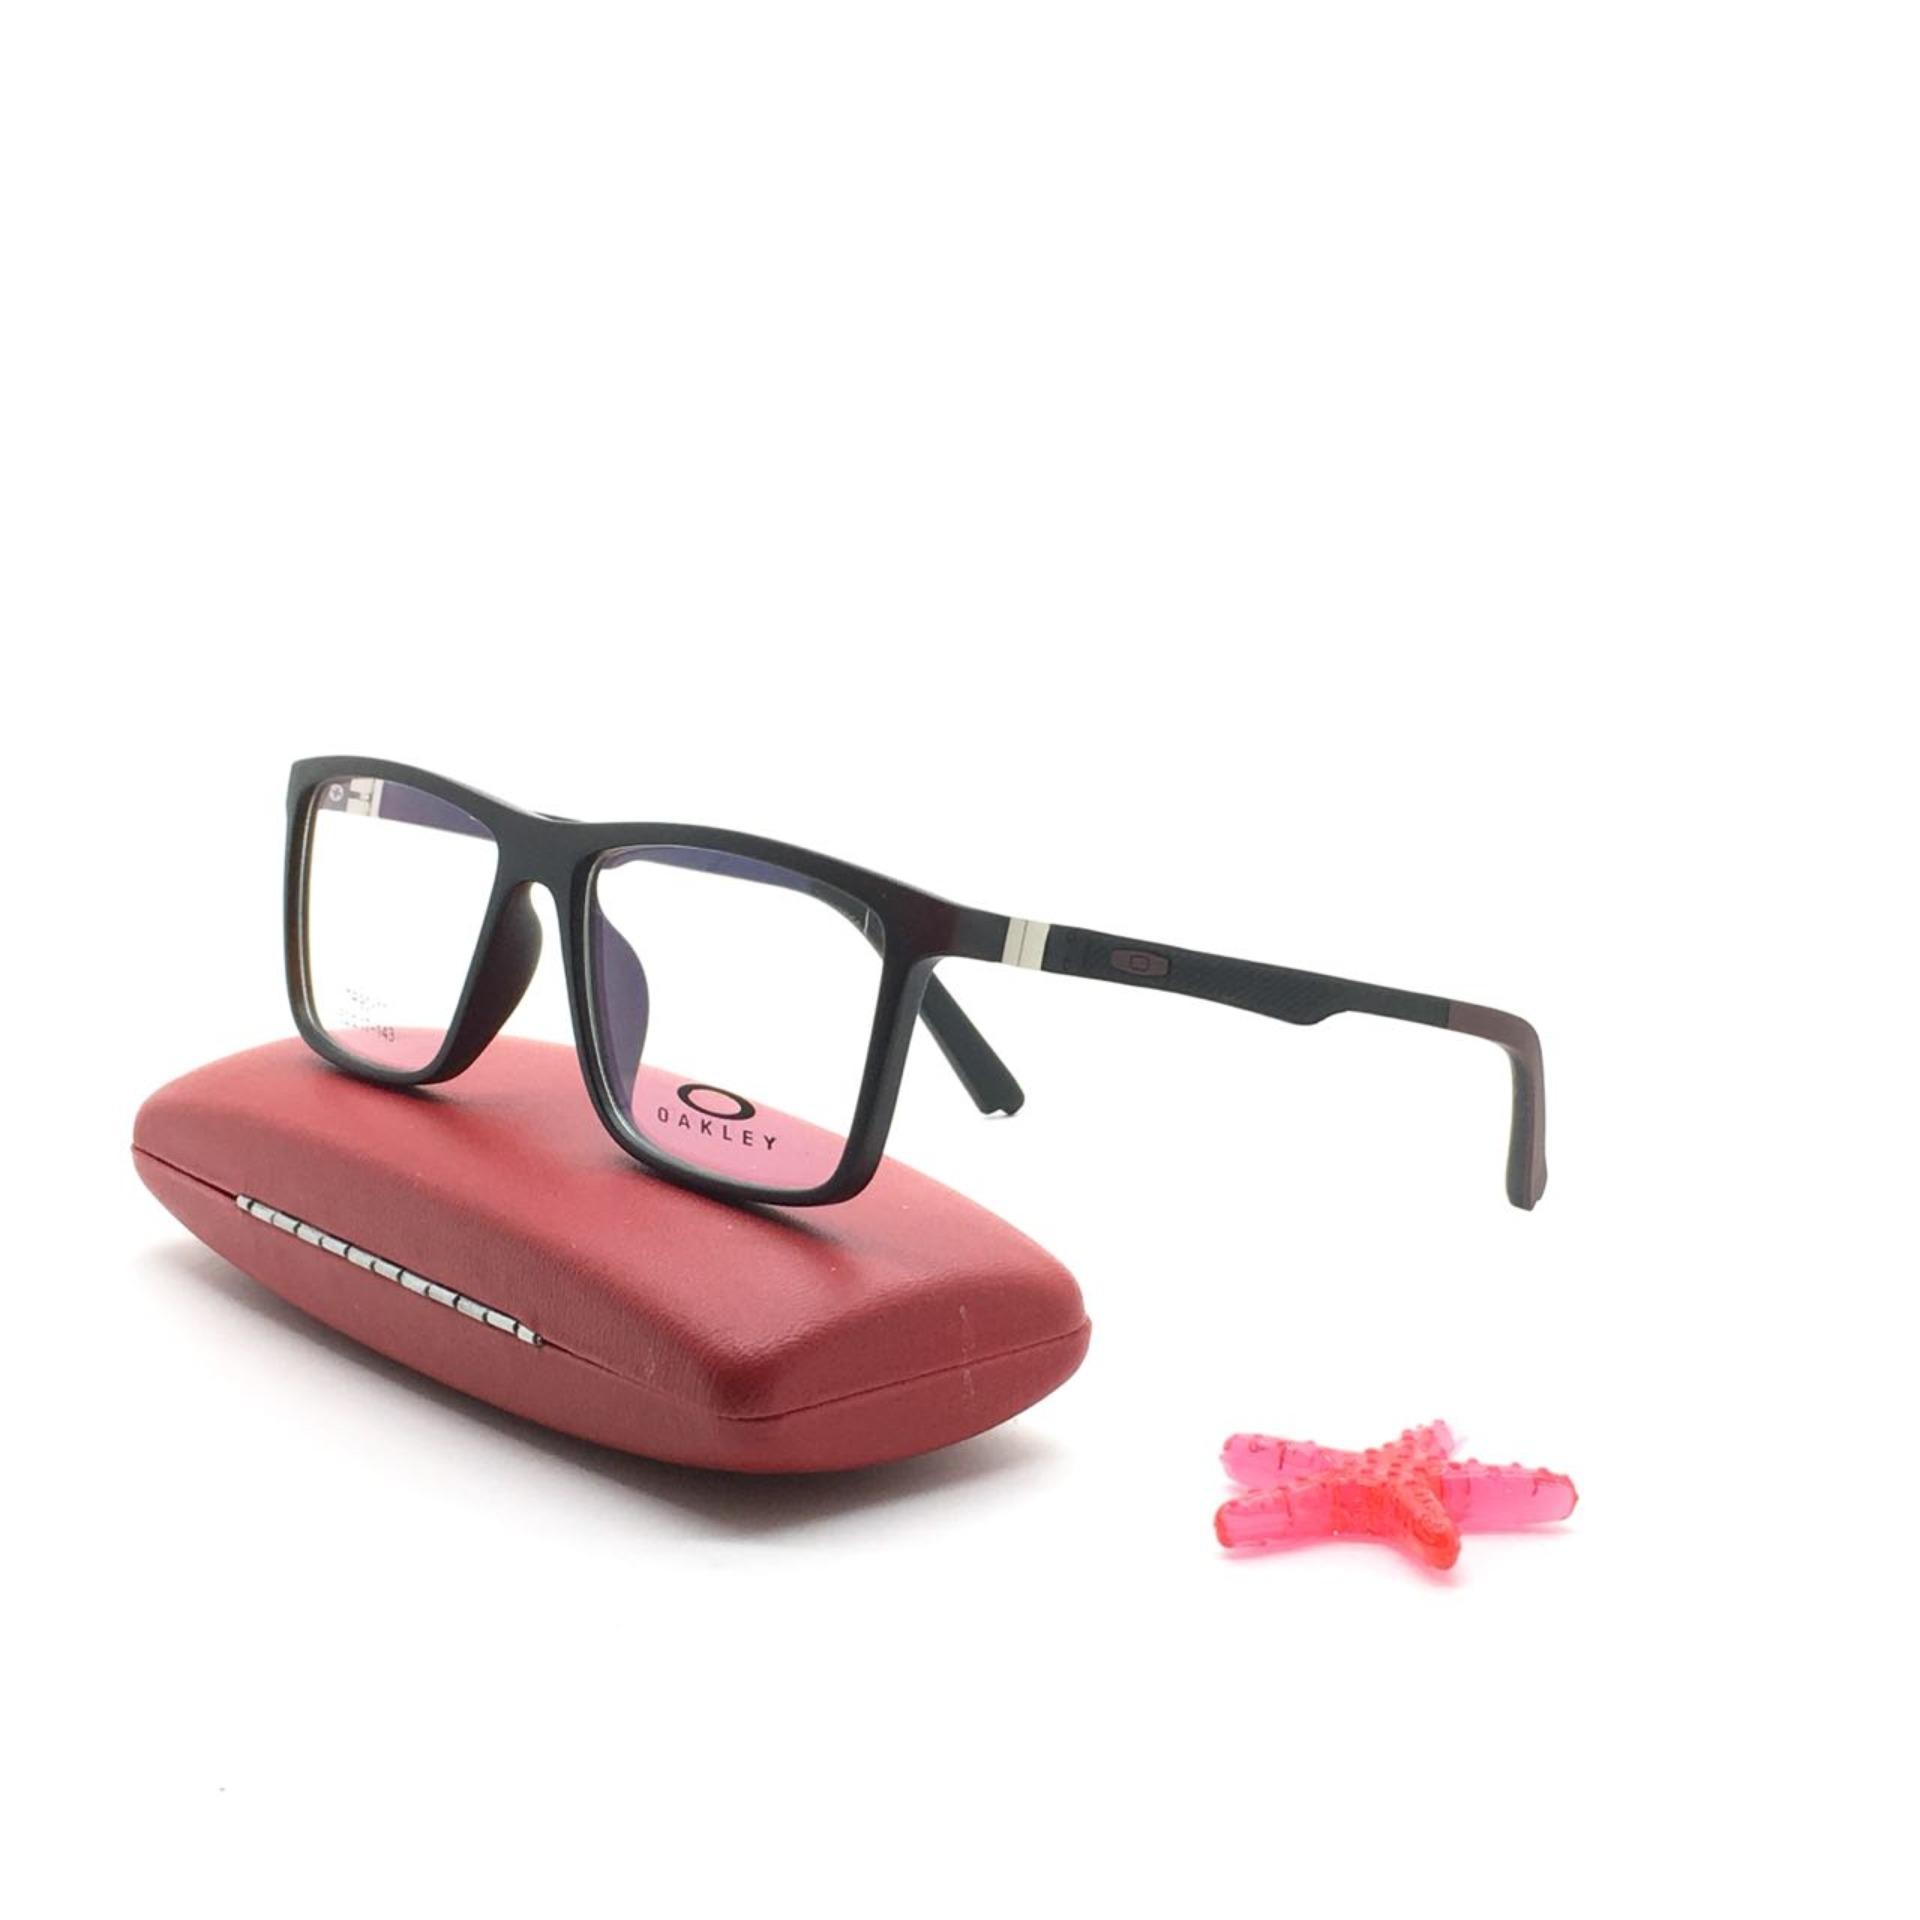 Kaca Mata Hitam Promo Produk Terlaris Frame Kacamata Minus Kotak Import Pria Eyewear Vintage Terbaru Md